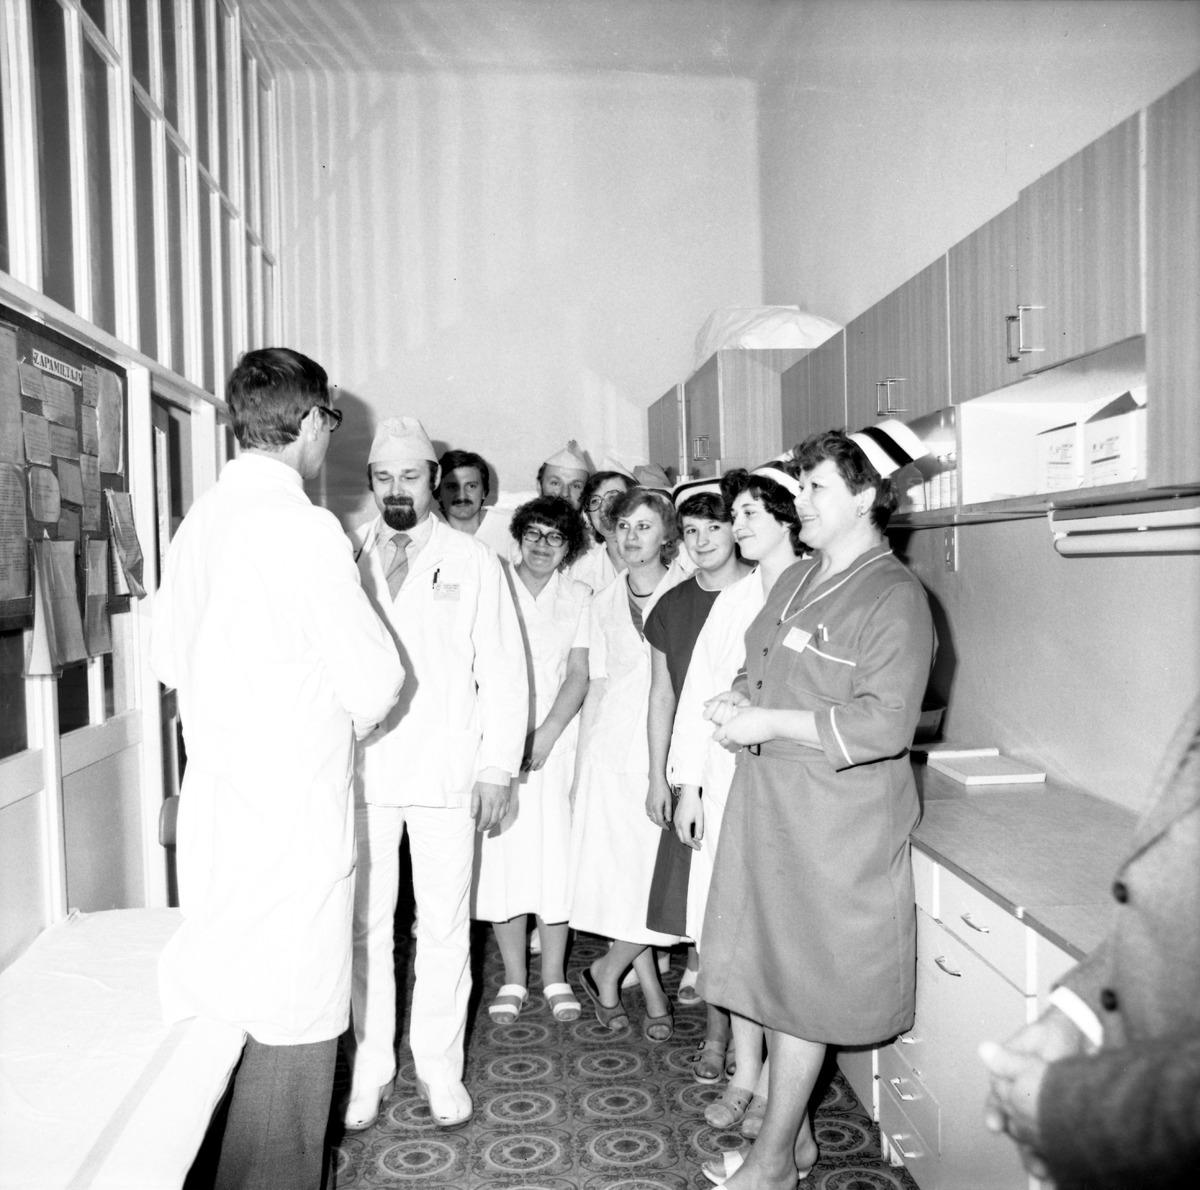 Dzień Służby Zdrowia w szpitalu ZOZ, 1986 r. [5]